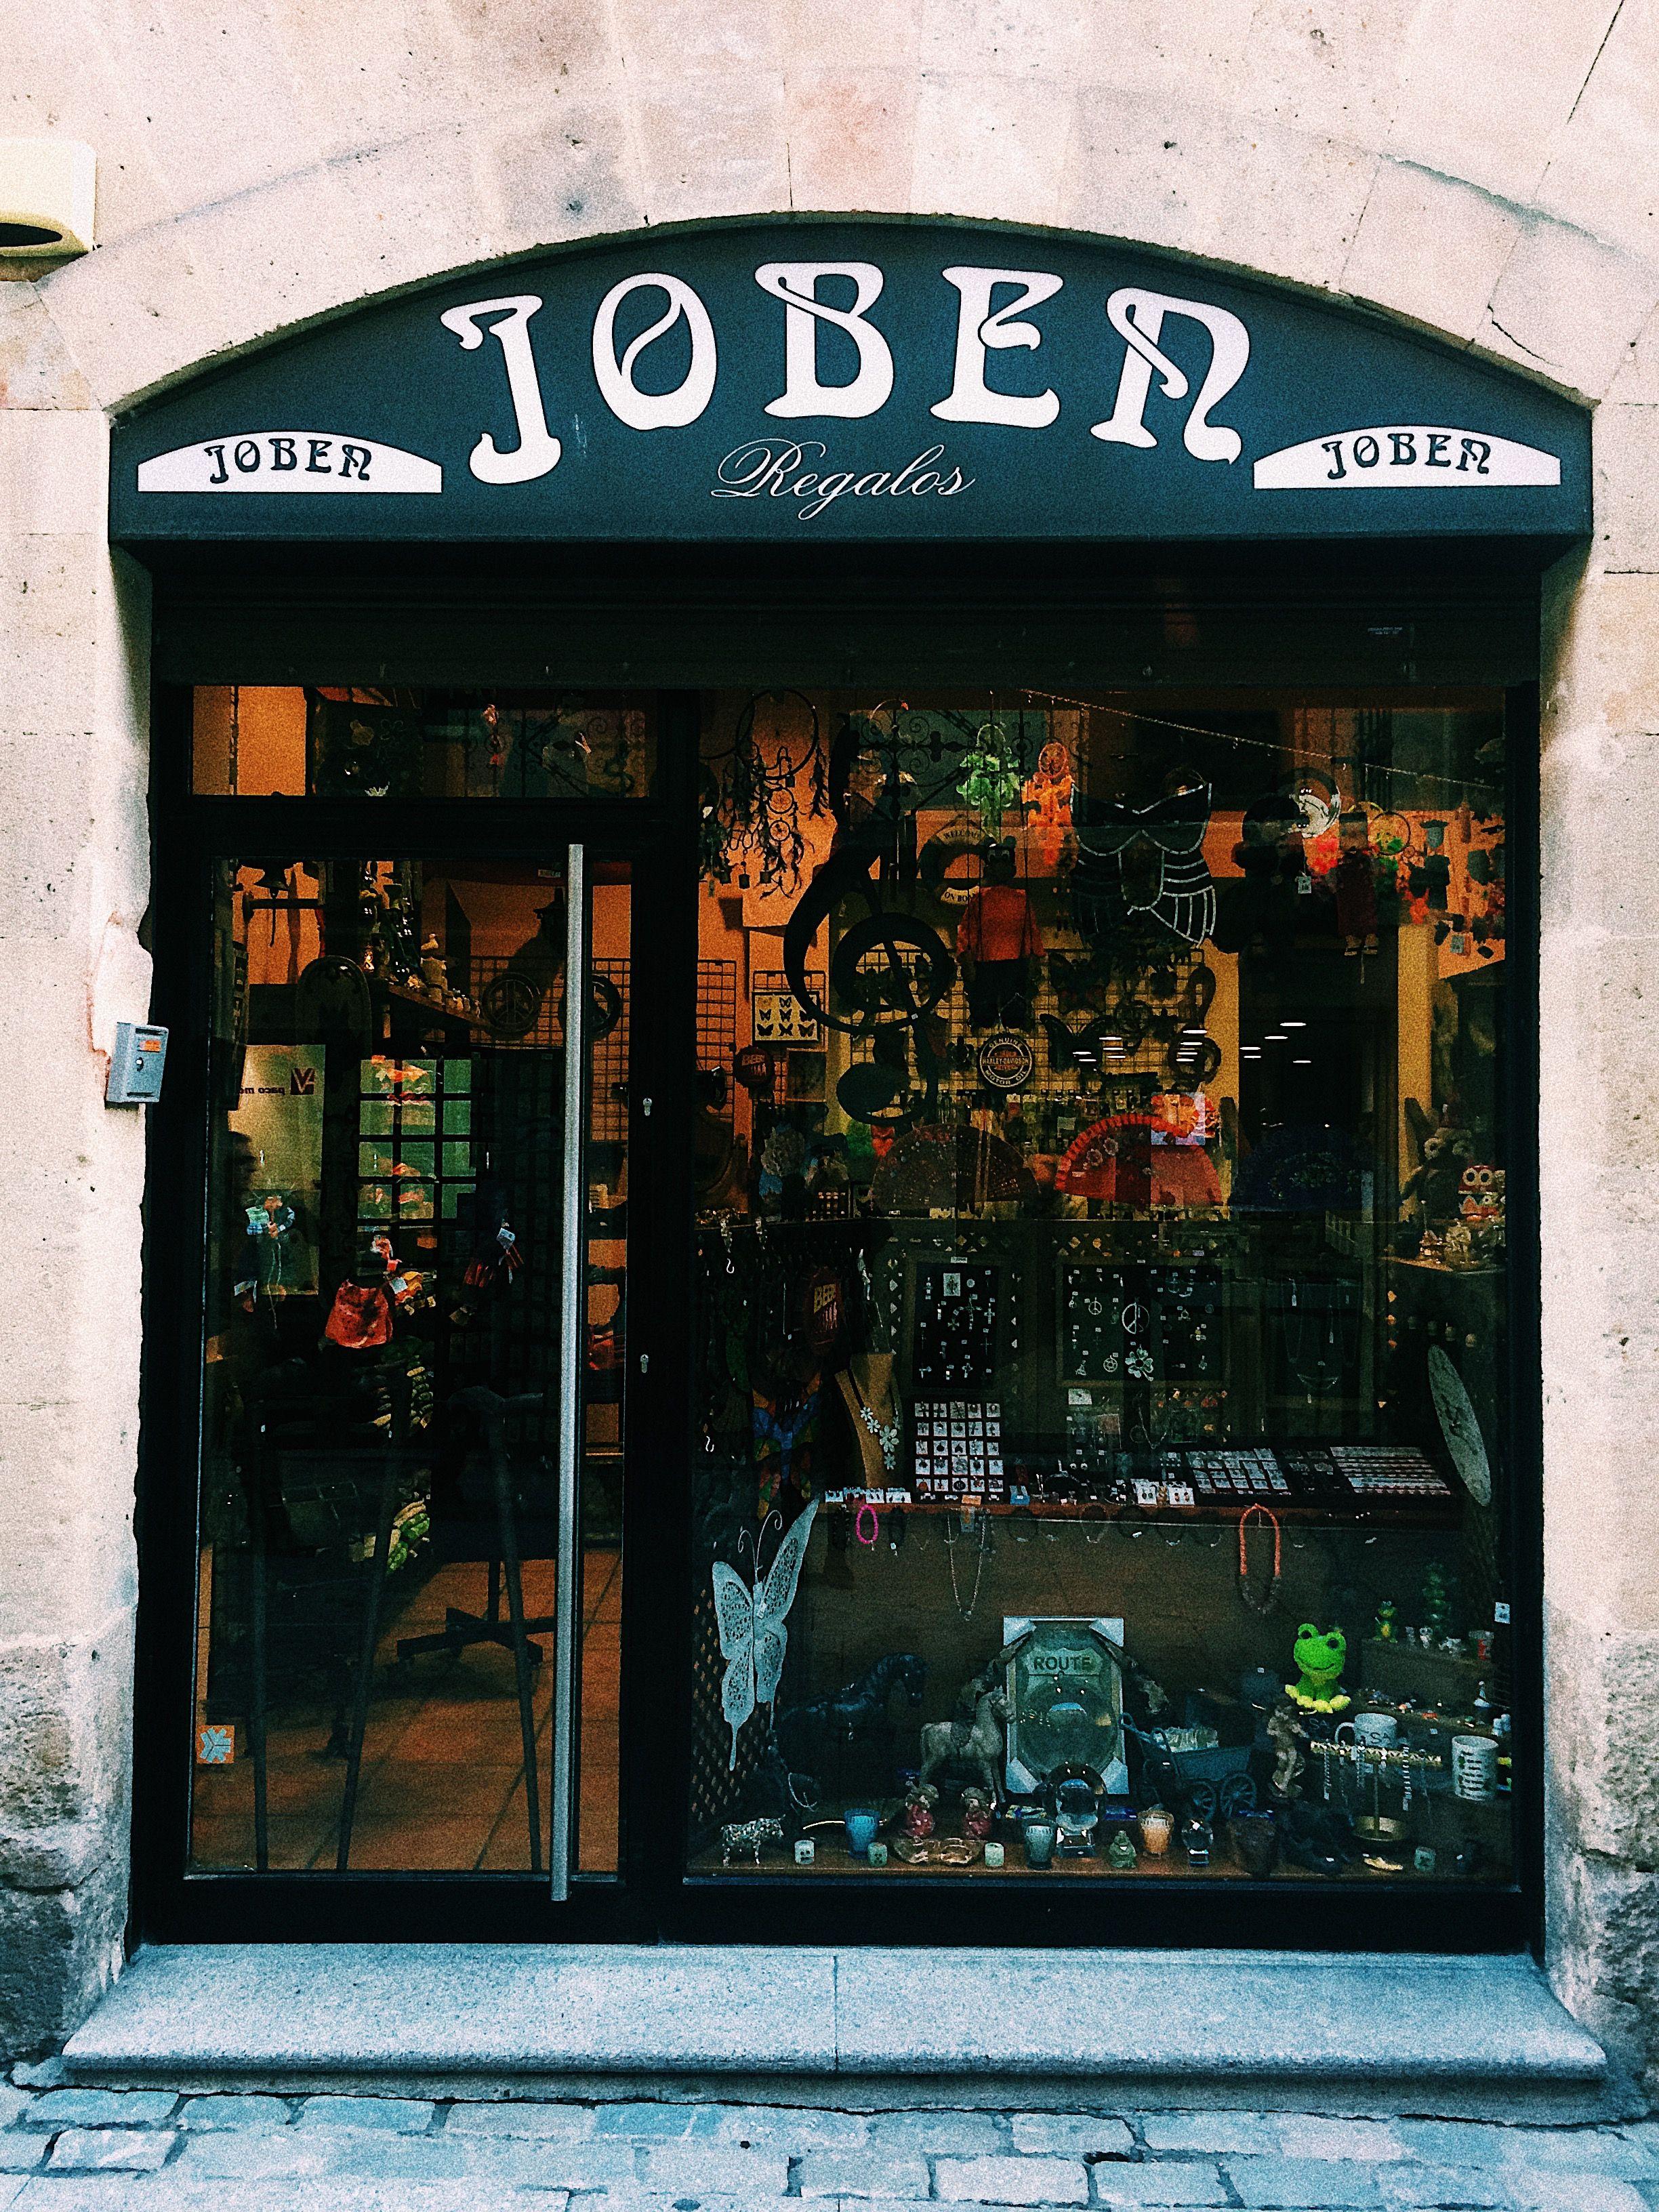 Jober Es Una Tienda De Regalos En Salamanca Por Lo Mismo Utiliza